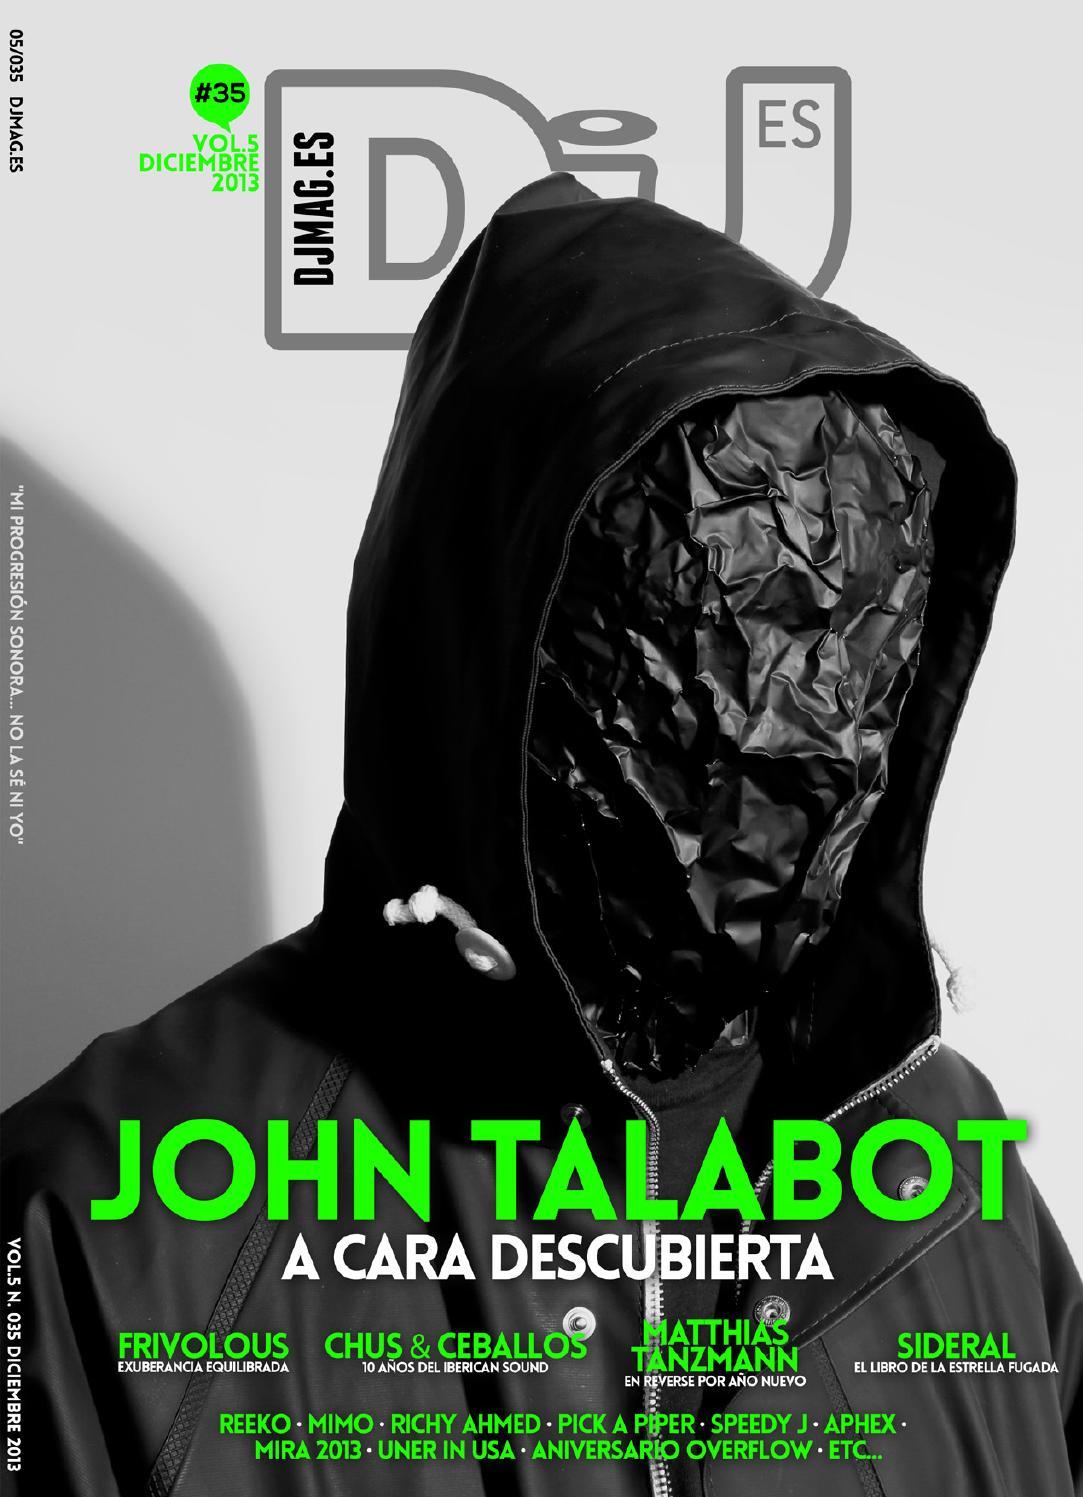 ace34a92be3f6 DJMAG ES 035 by DJ Mag España - issuu